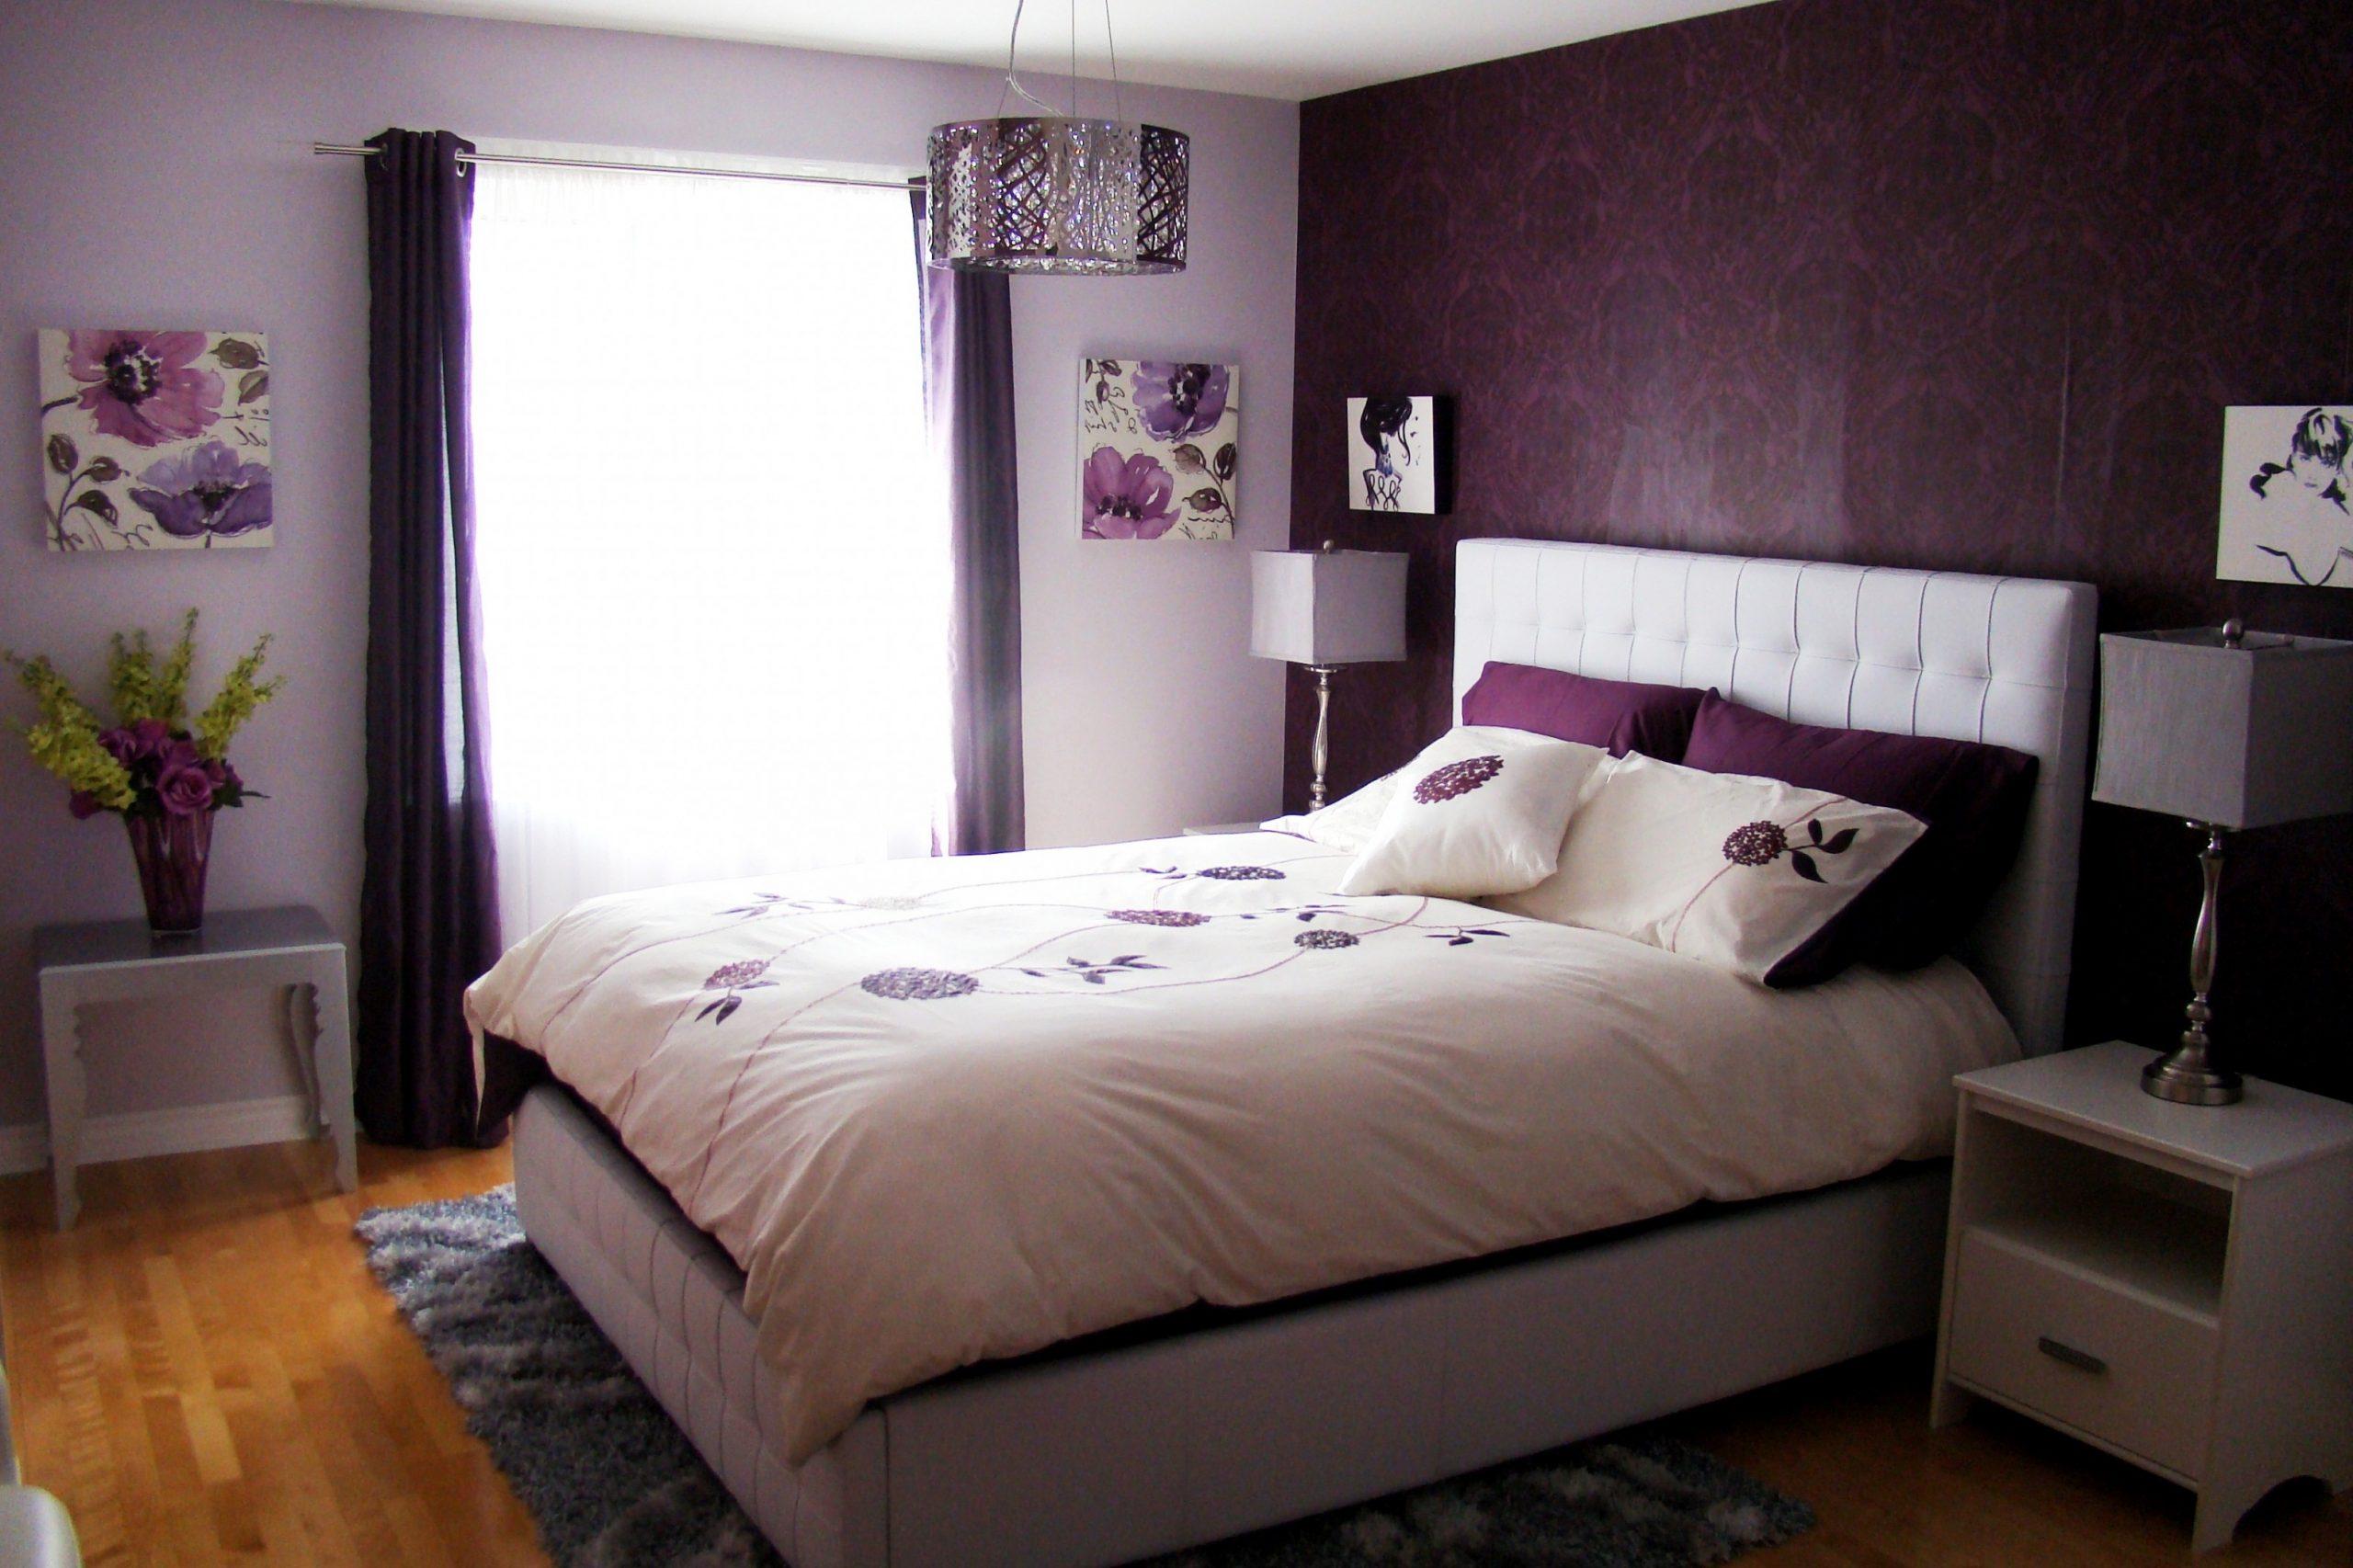 Preparing Purple Bedroom Ideas — Givdo Home Ideas - Bedroom Ideas Purple